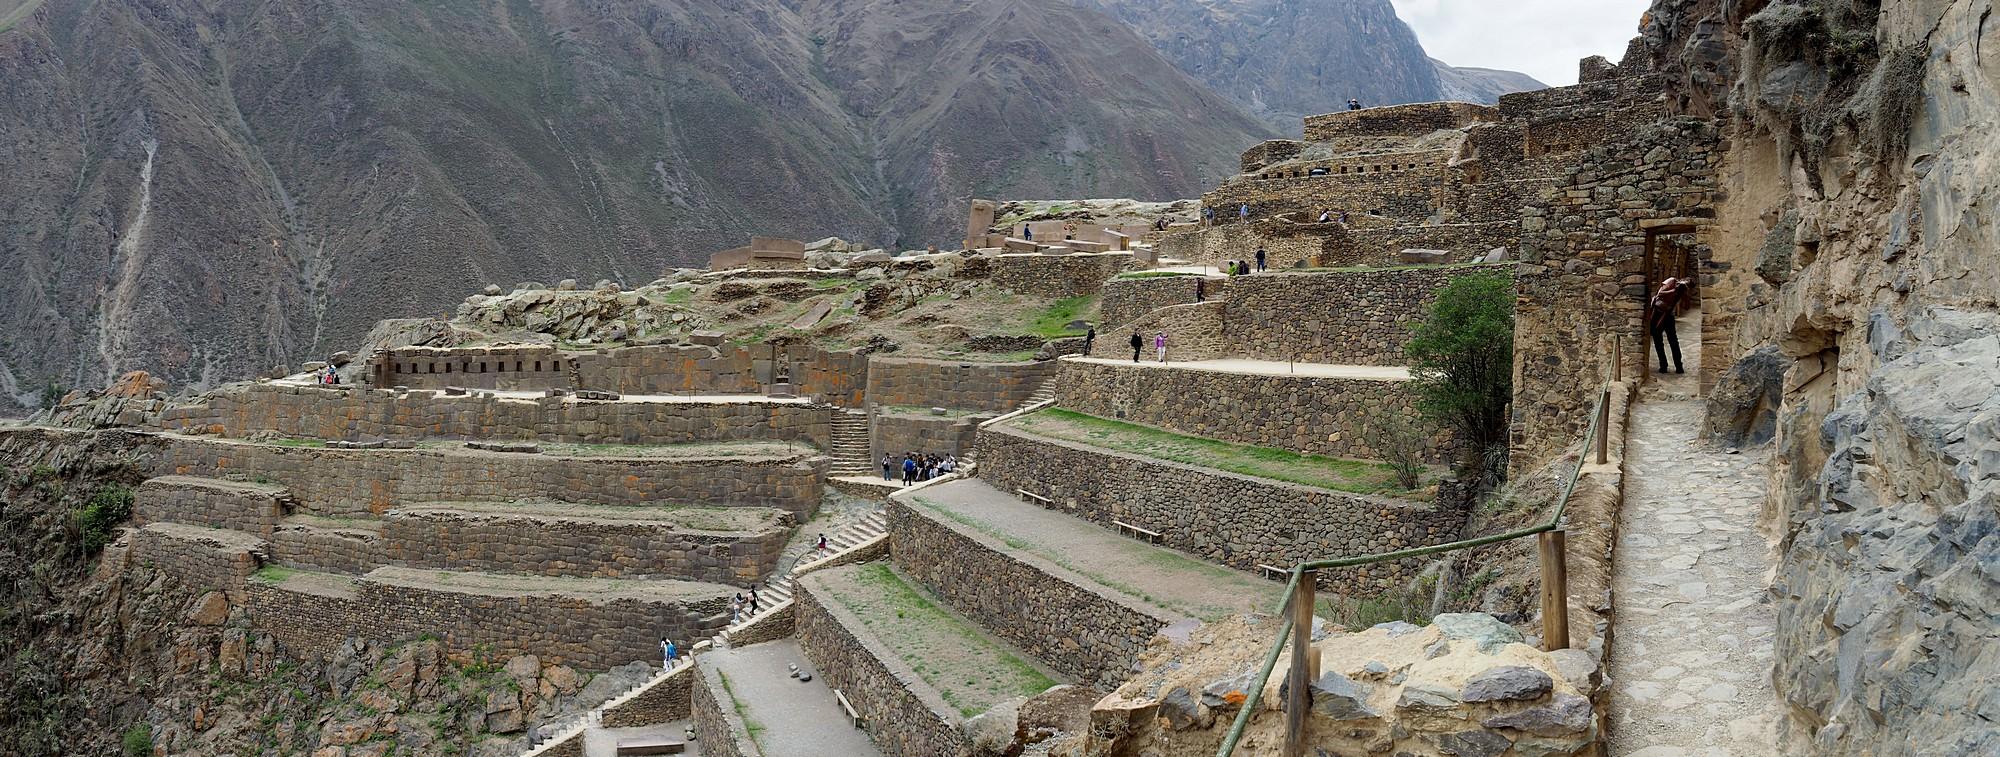 Befestigte Anlage hoch über dem Ort